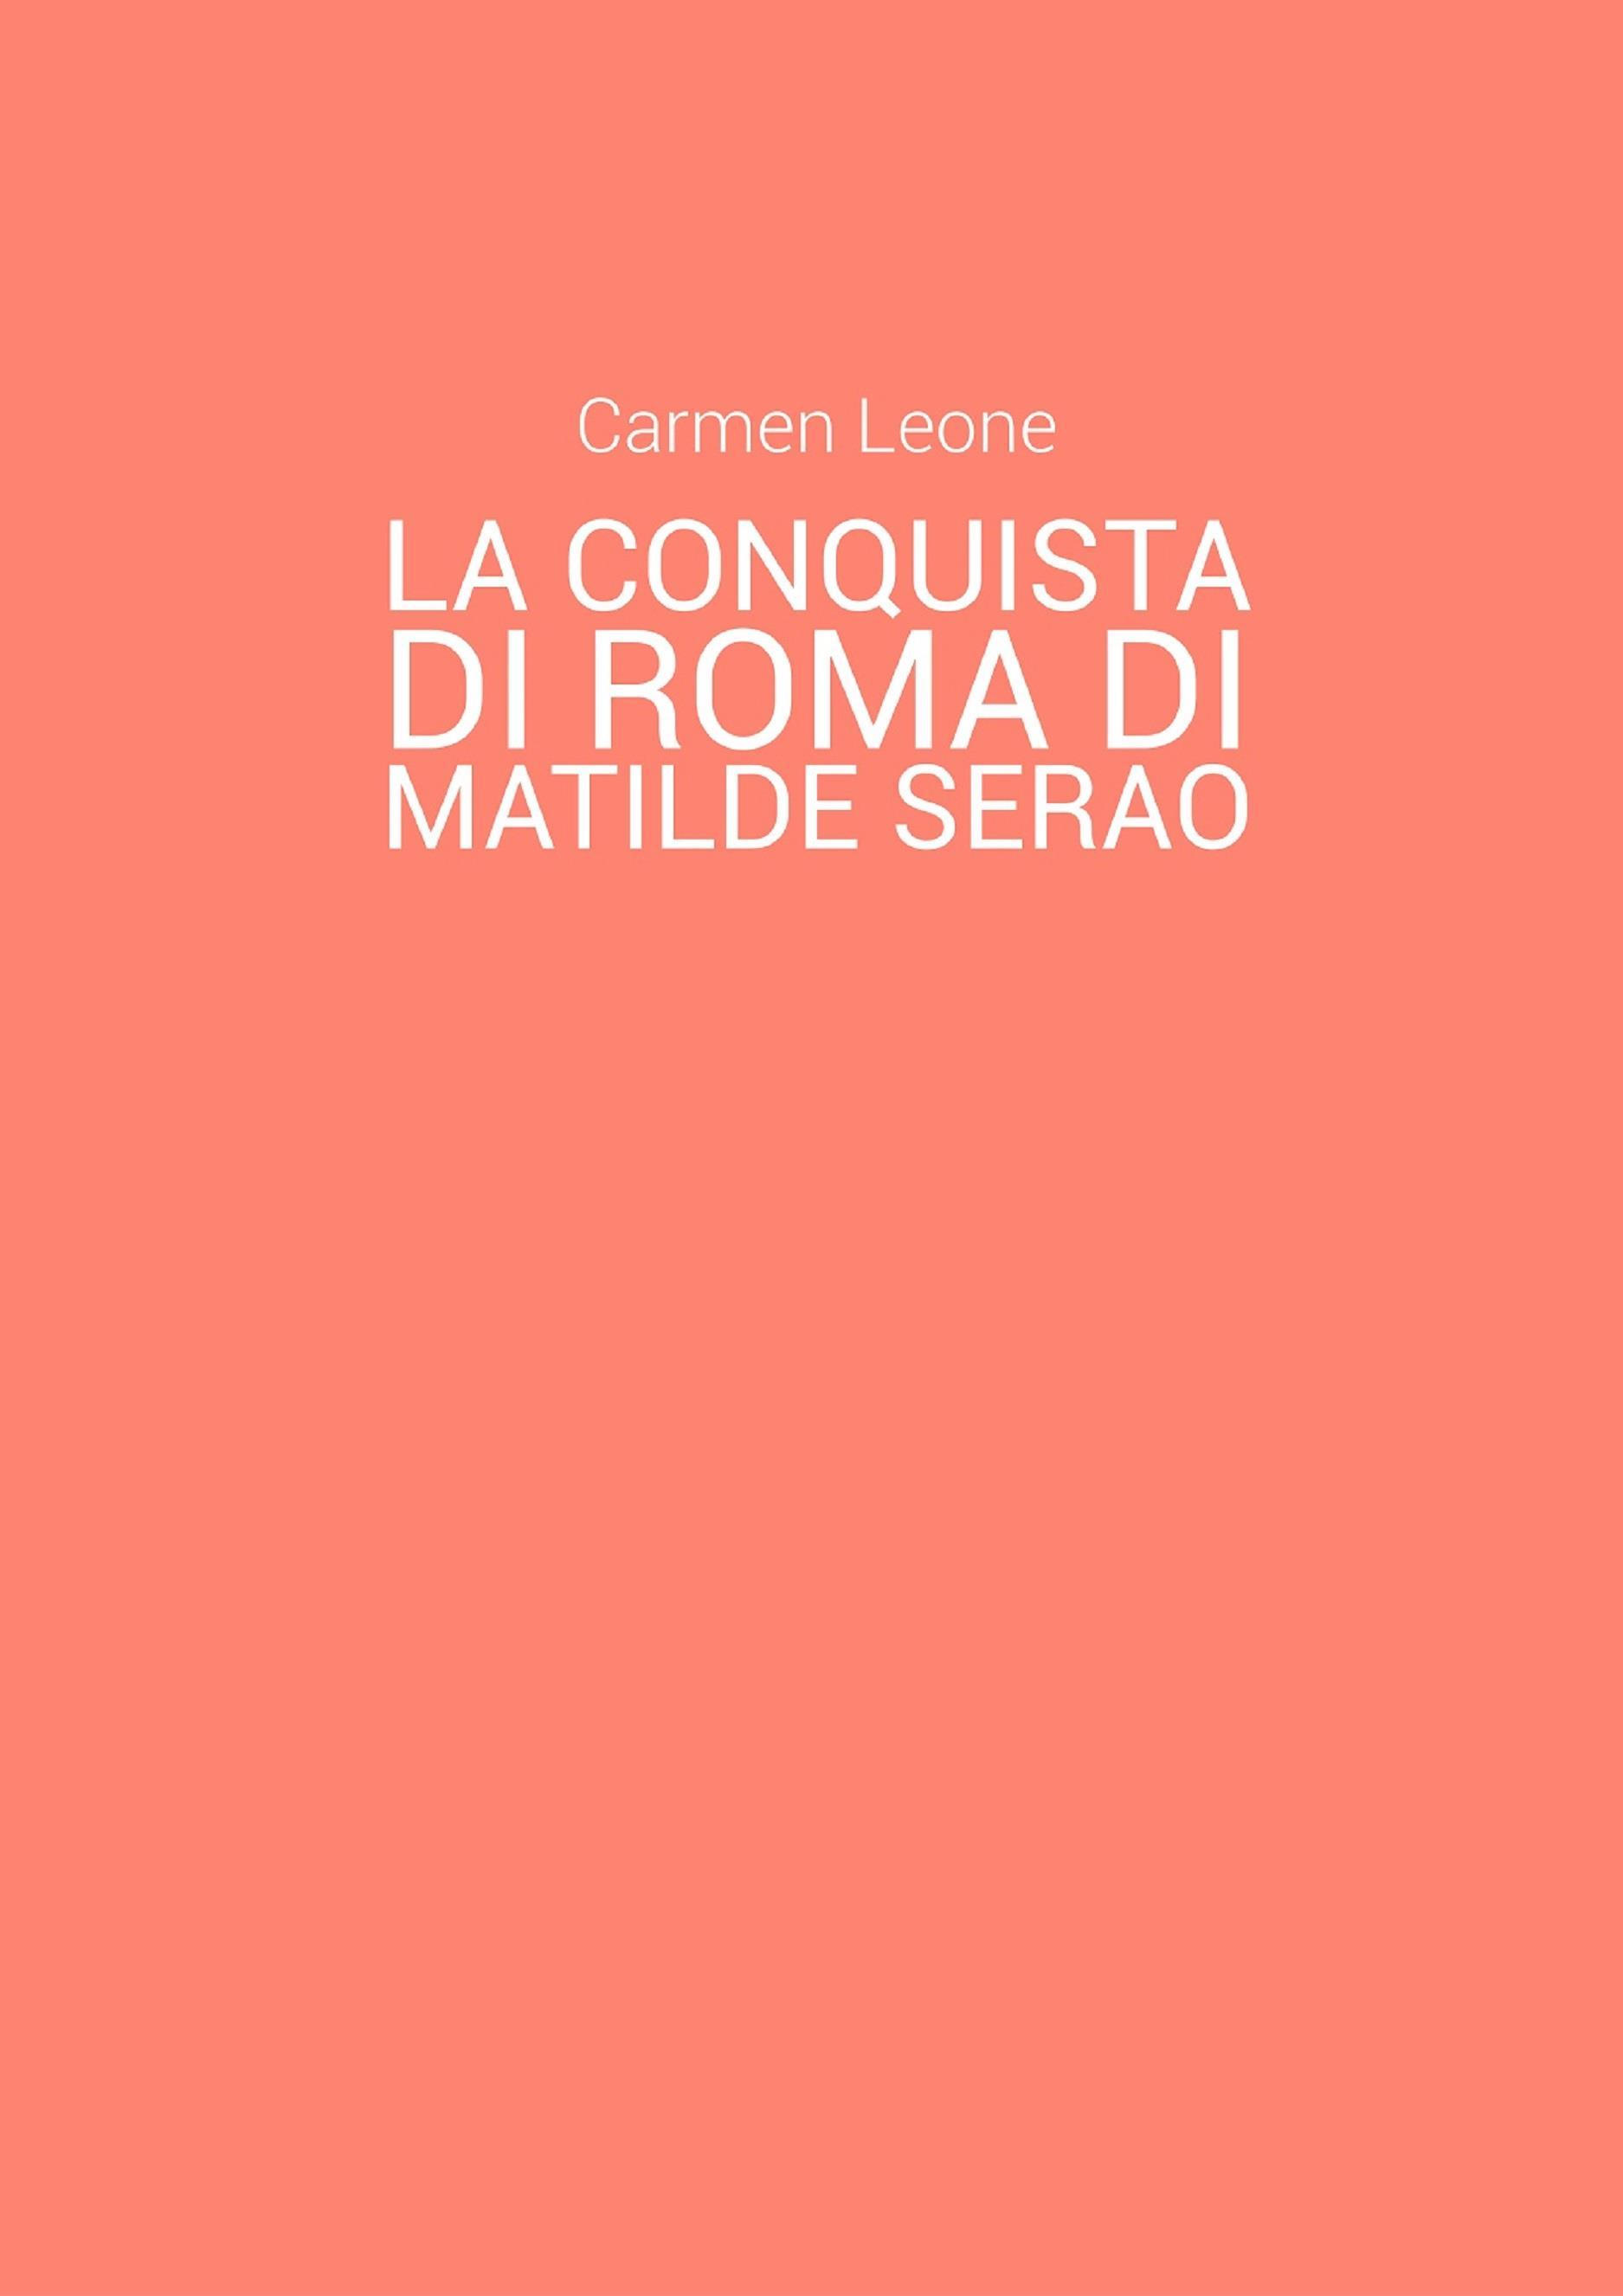 La conquista di Roma di Matilde Serao. Eventi pubblici e rappresentazione di scene corali nella parte terza del romanzo